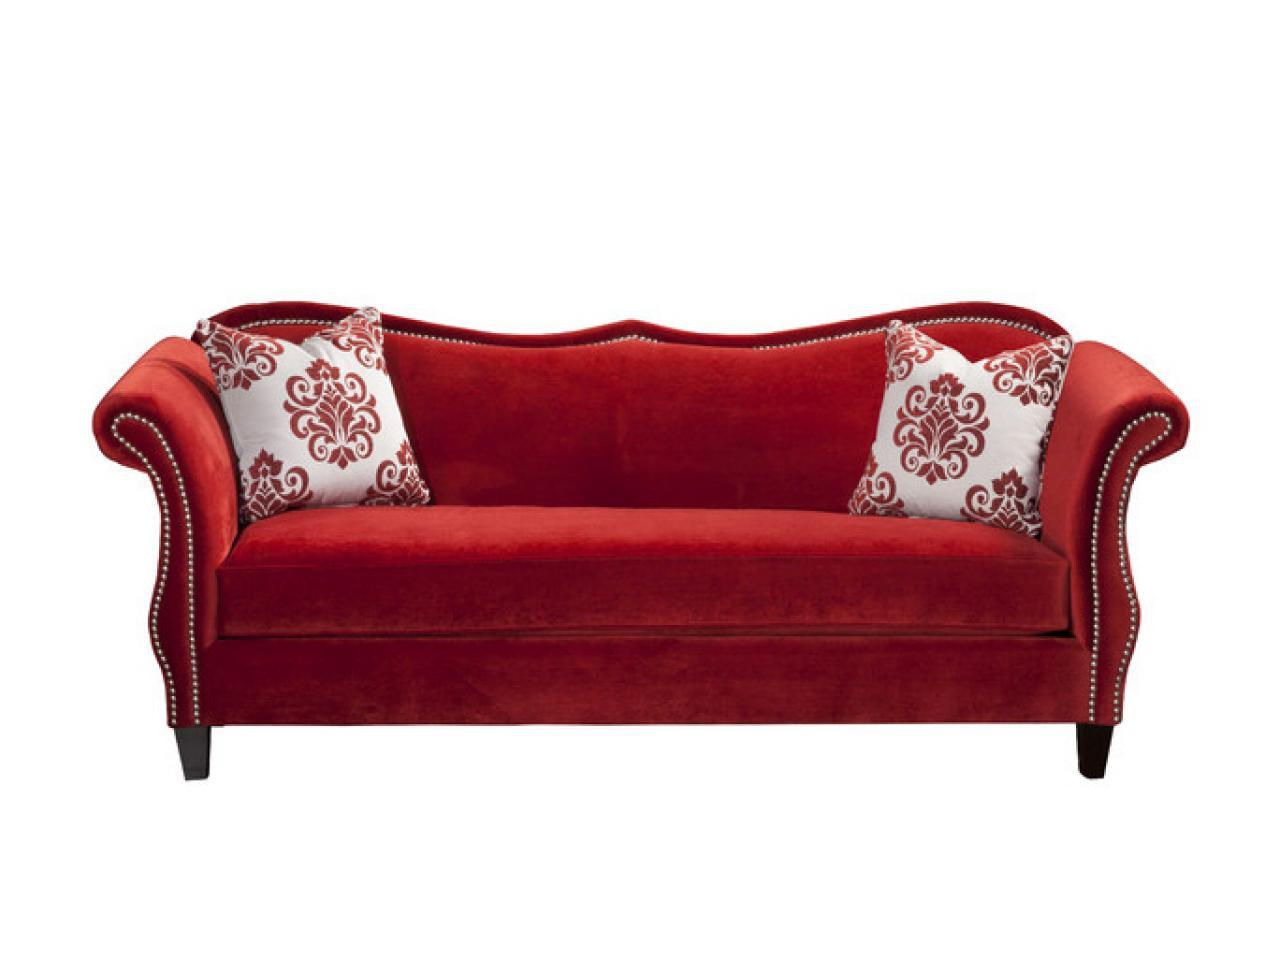 red velvet sofa OOVXARK